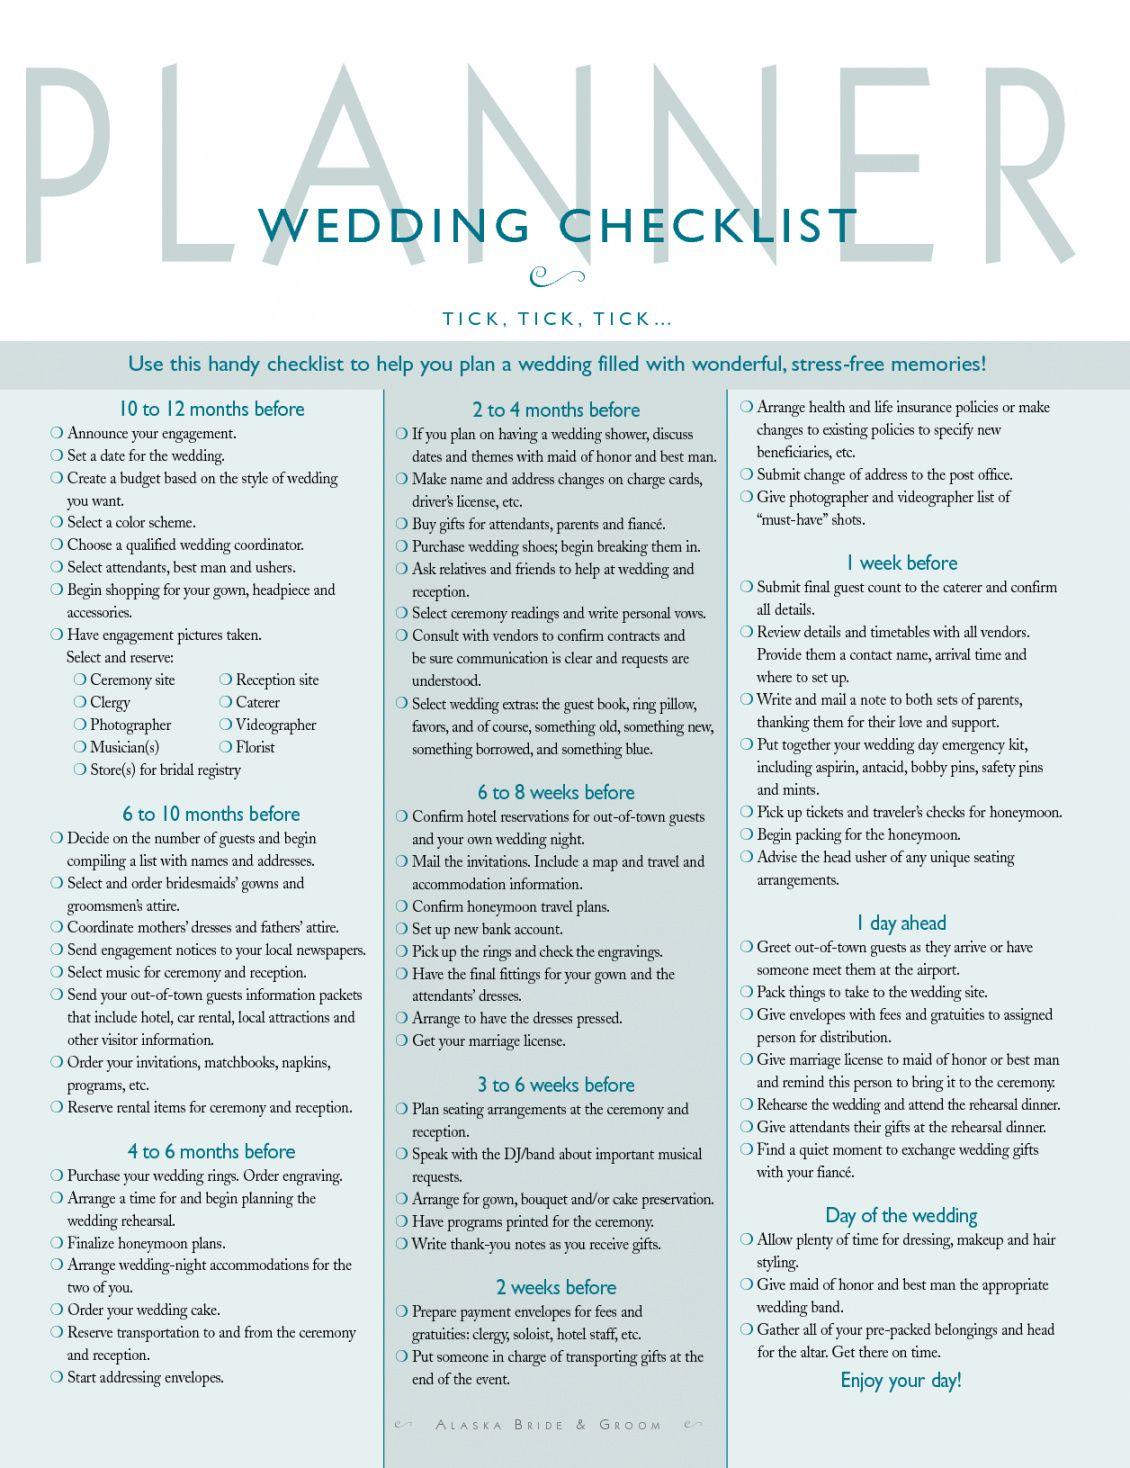 Wedding Timeline Checklist Template